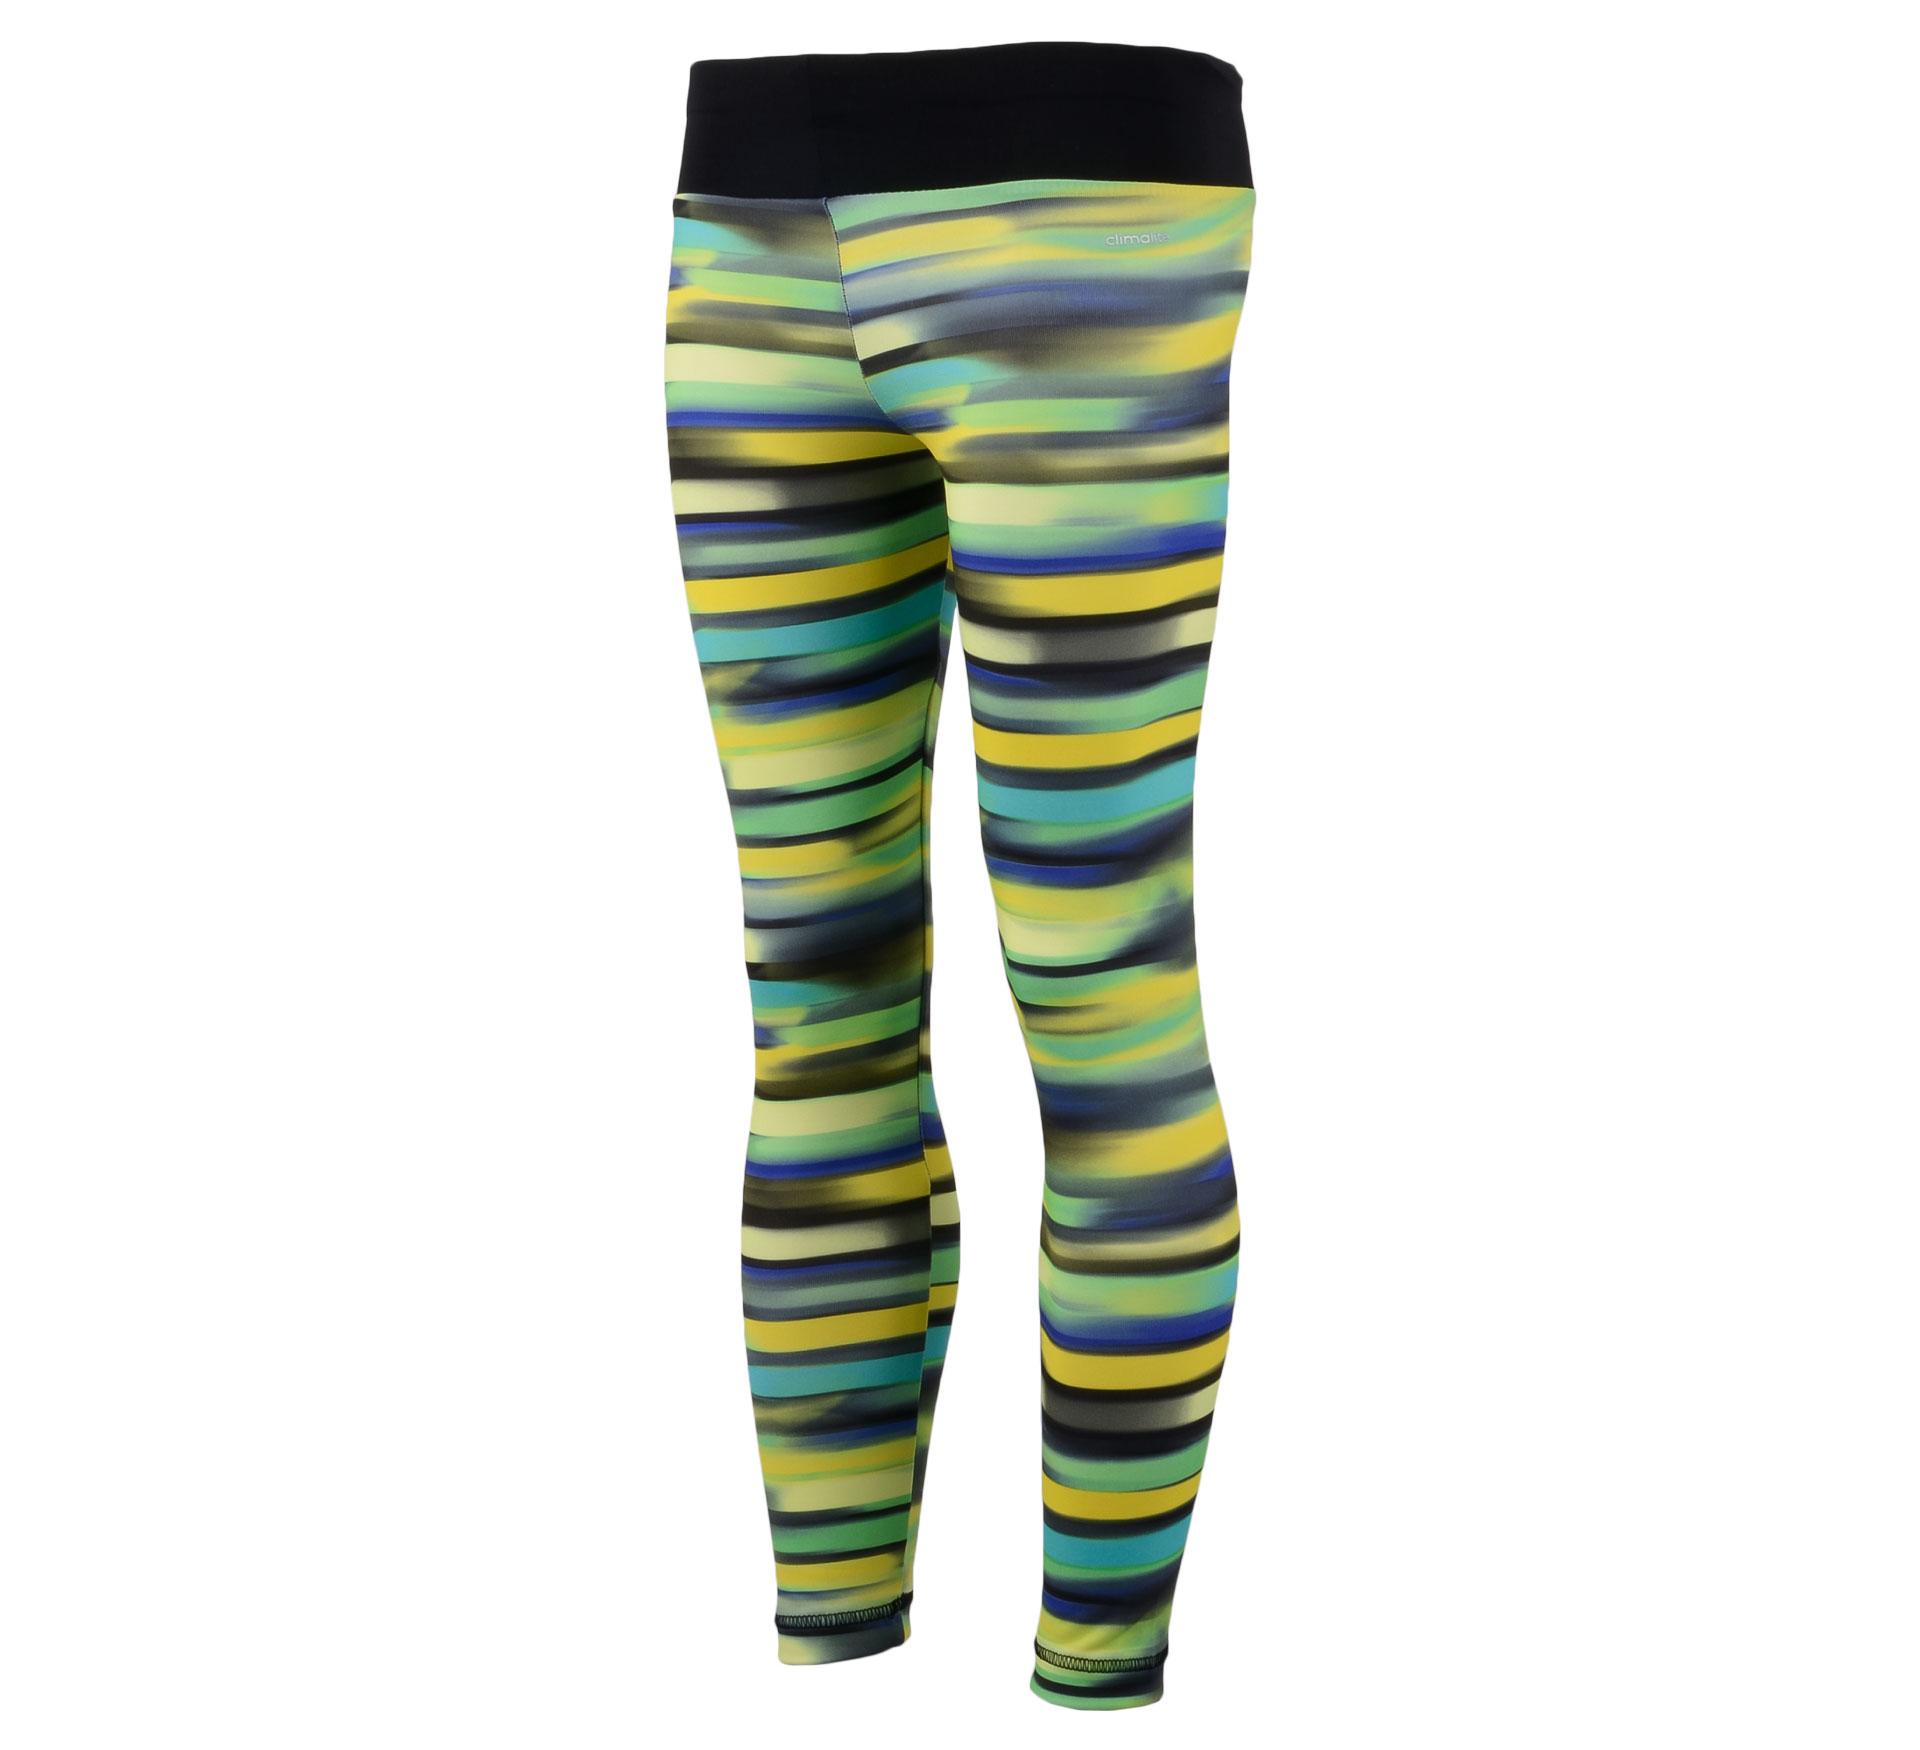 Adidas YG AIS Tight zwart - geel - groen